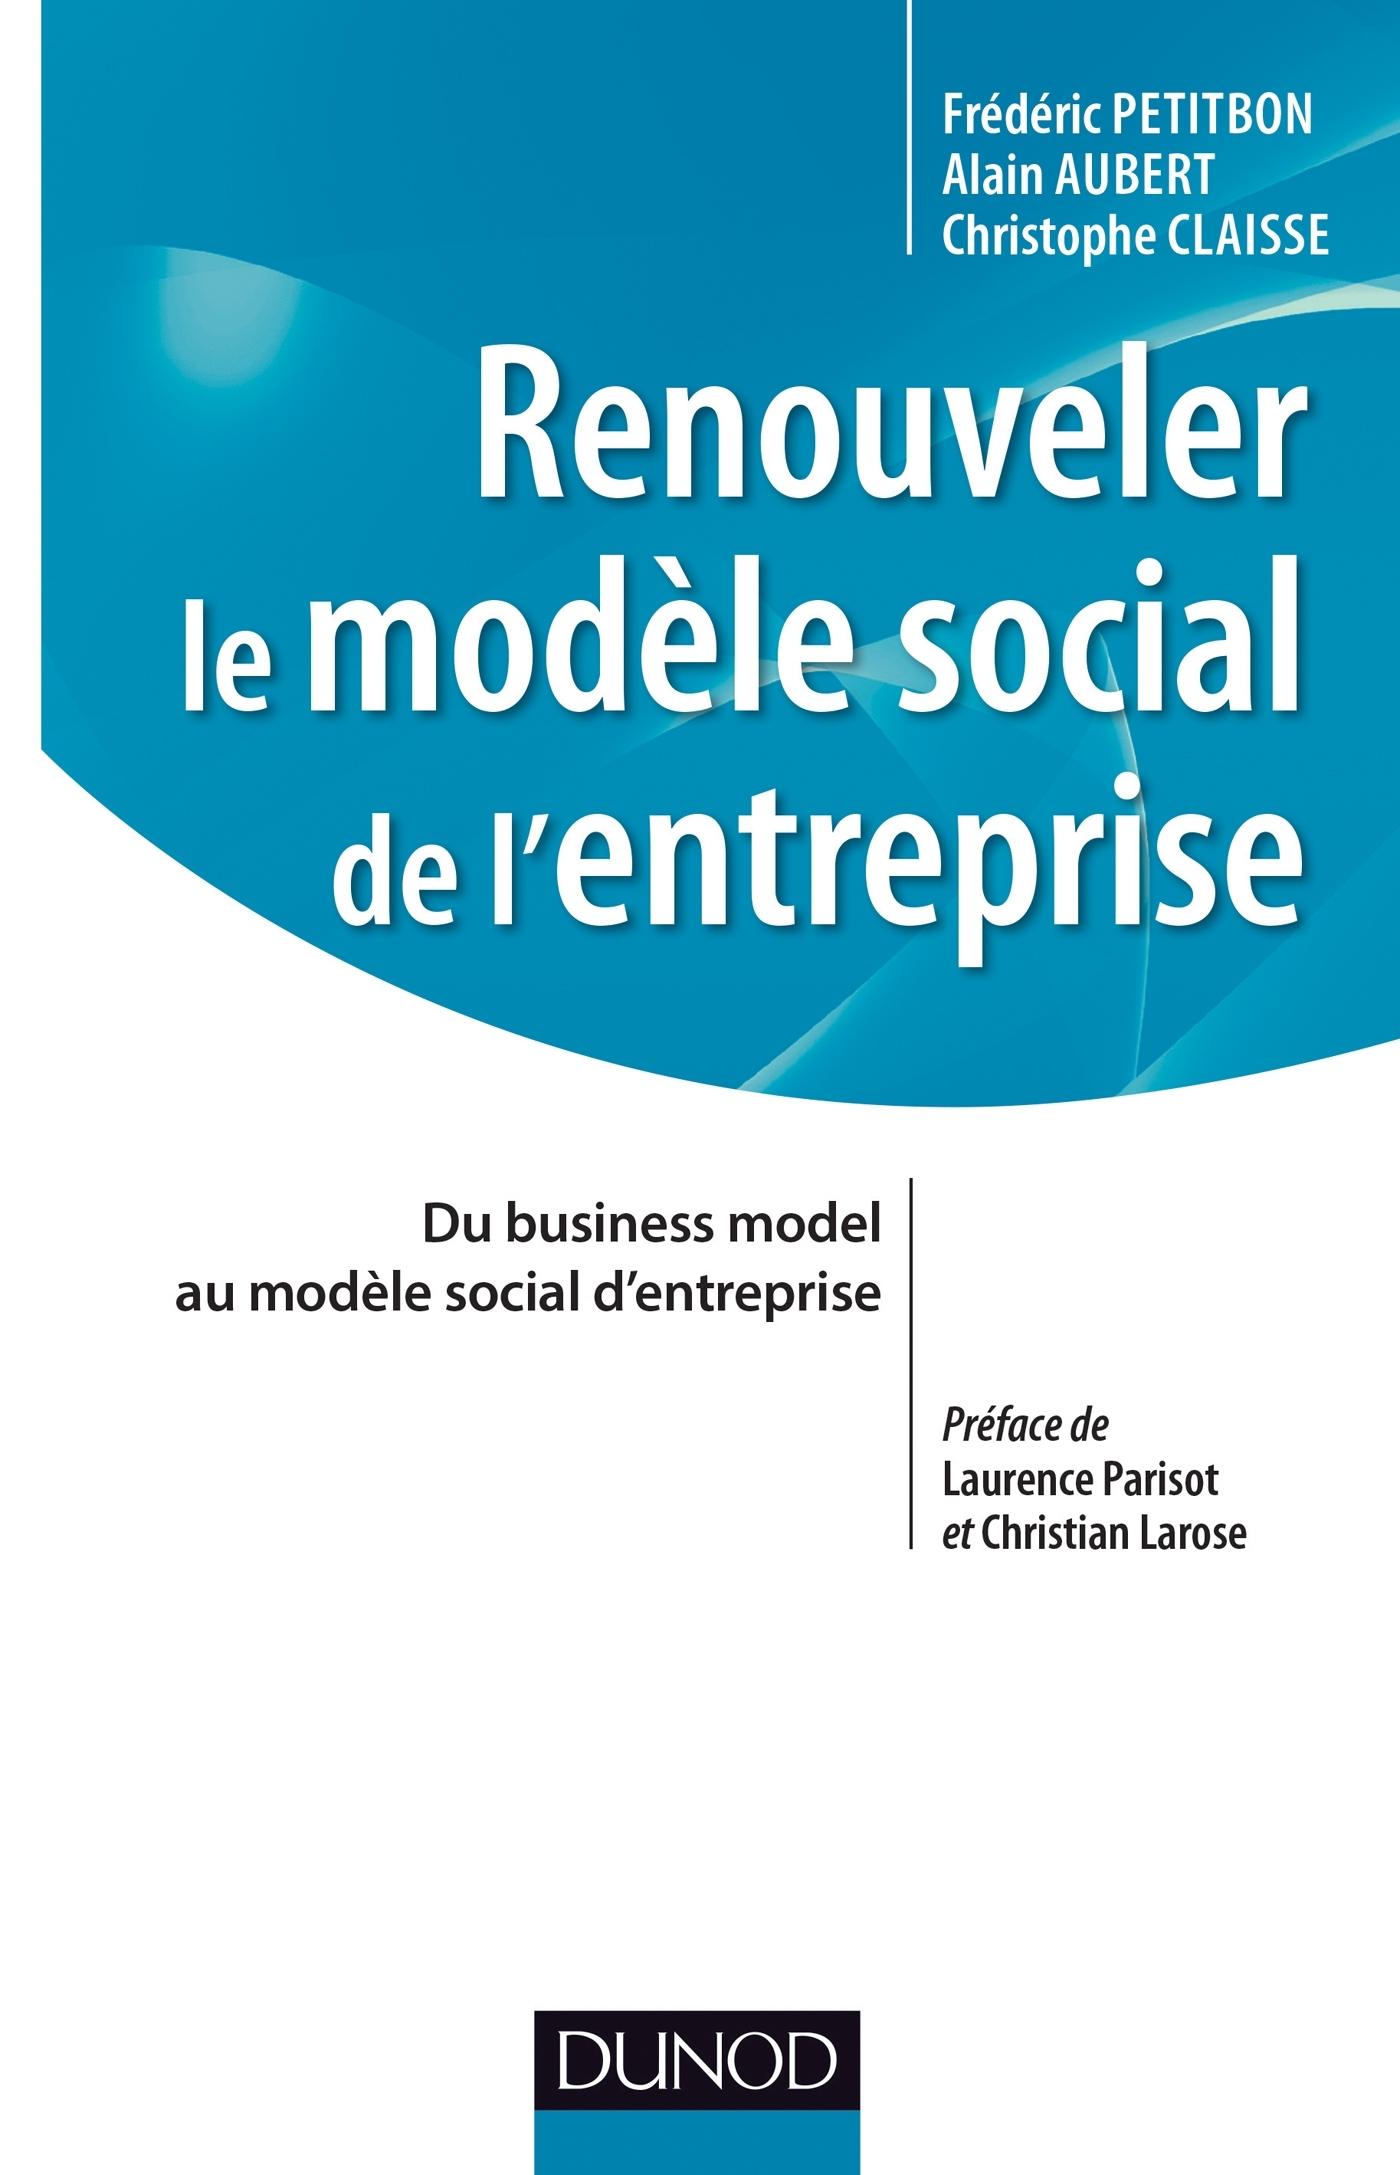 RENOUVELER LE MODELE SOCIAL DE L'ENTREPRISE - DU BUSINESS MODEL AU MODELE SOCIAL D'ENTREPRISE